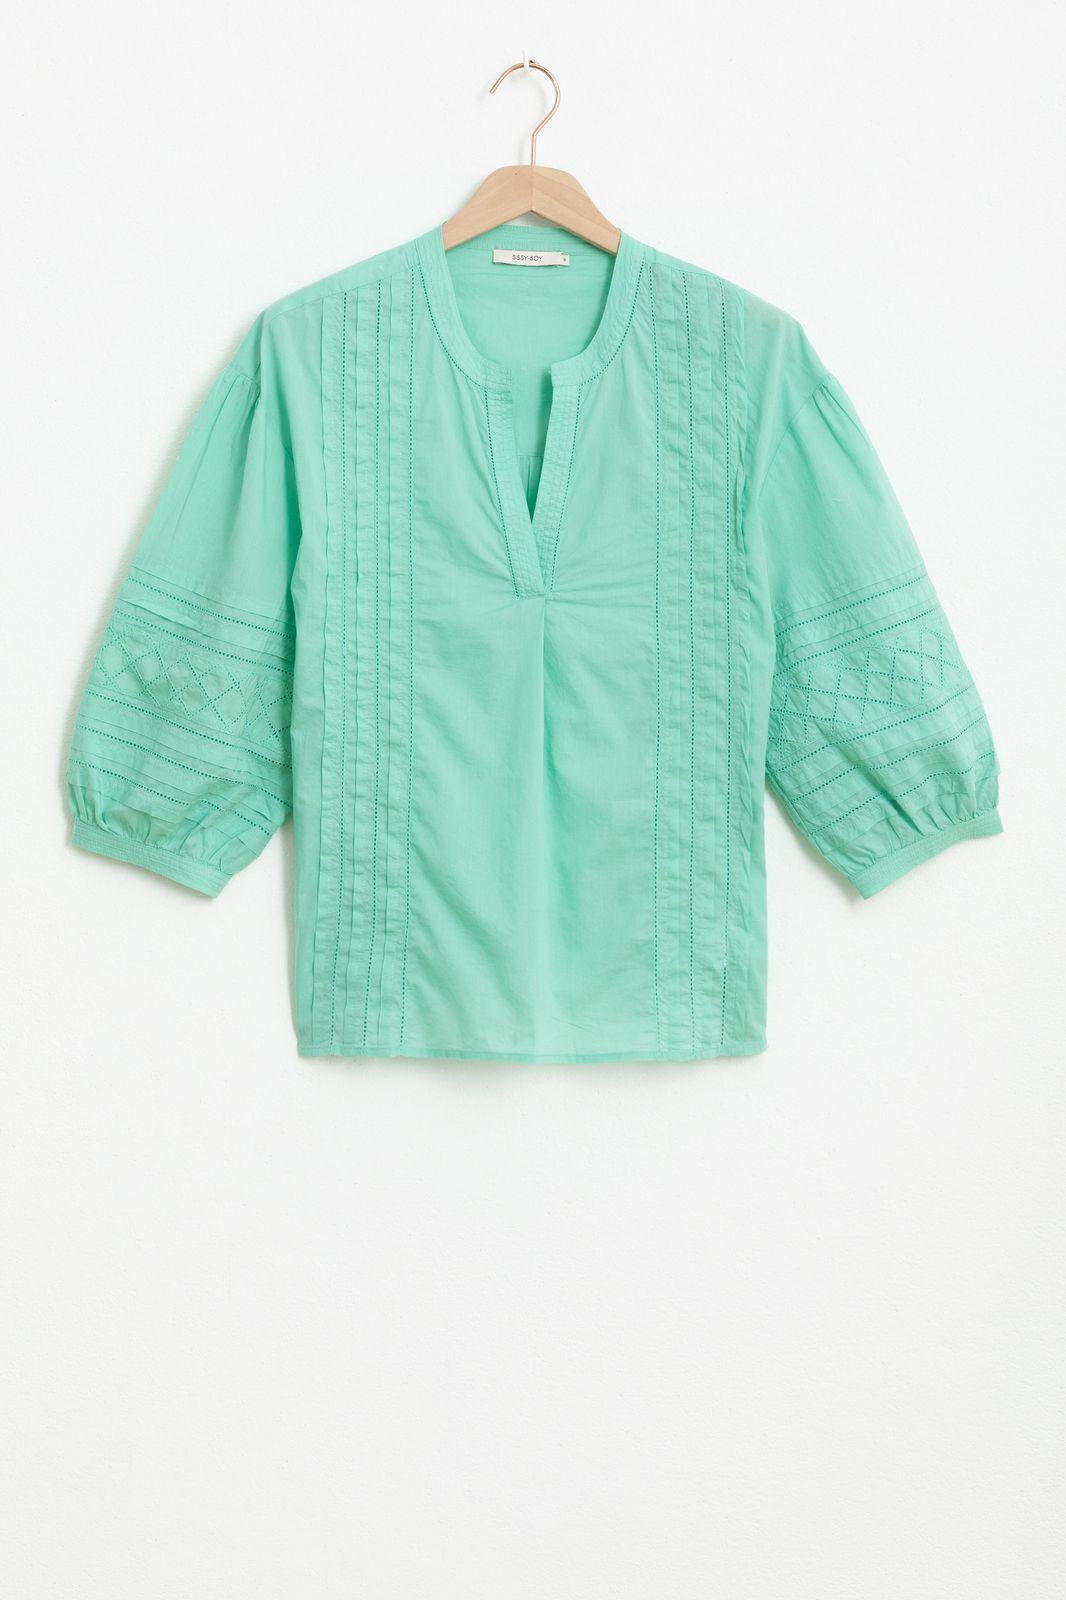 Groene blouse met geborduurde details en driekwart ballonmouwen